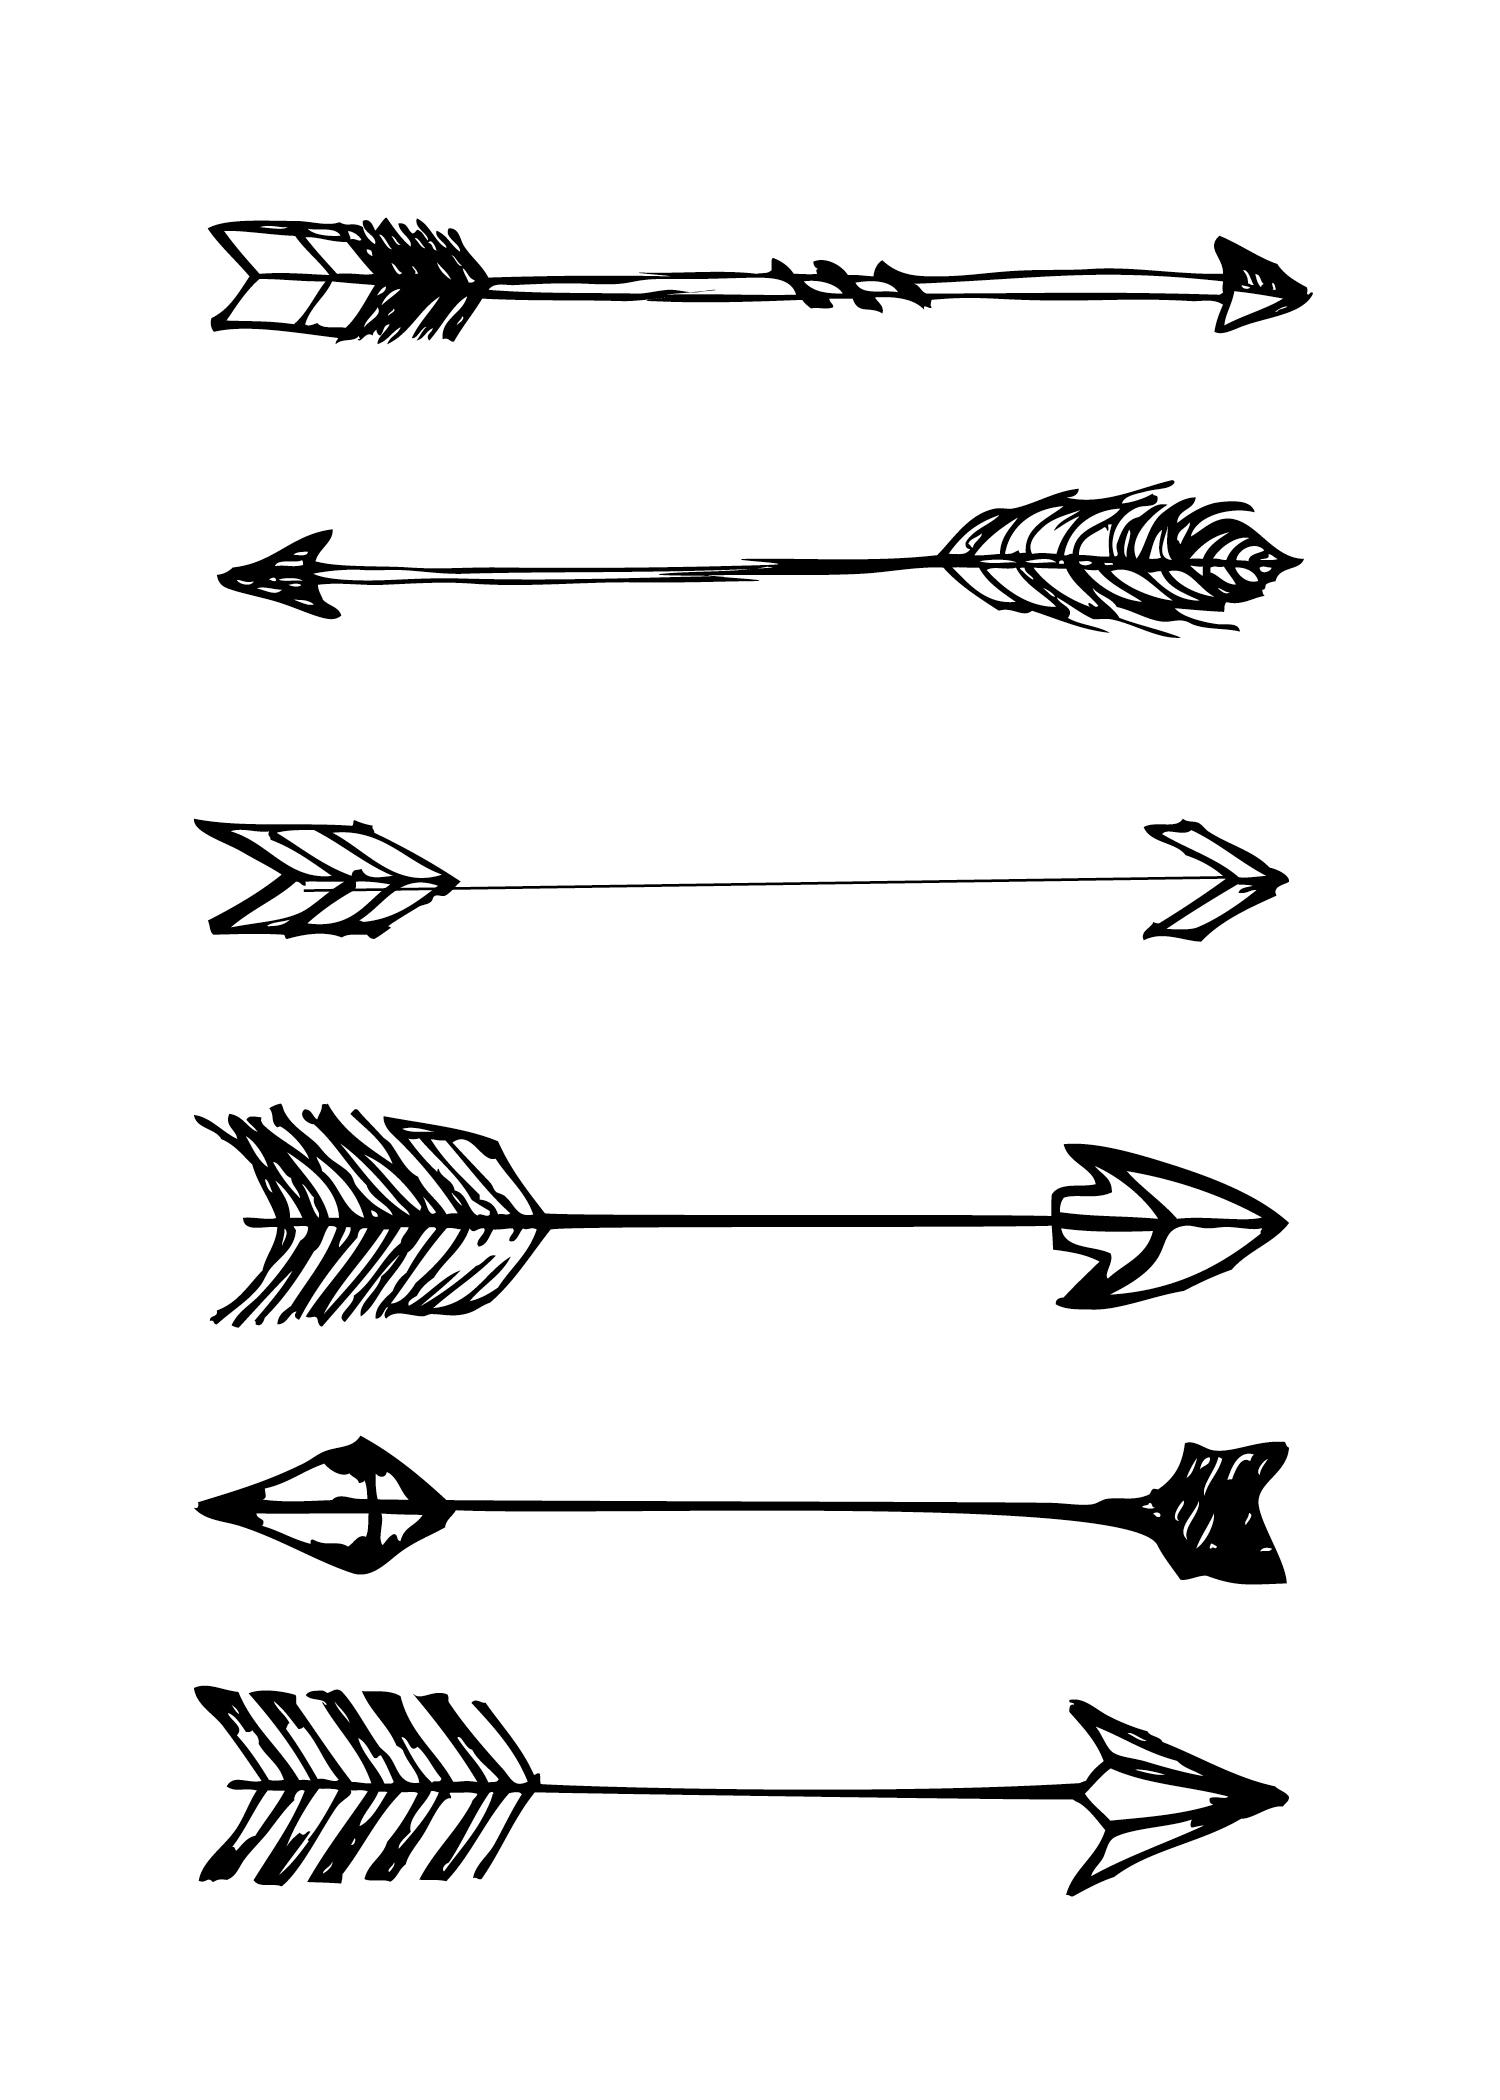 Arrow printables clipart black and white stock Free Printables - House Of Hipsters clipart black and white stock